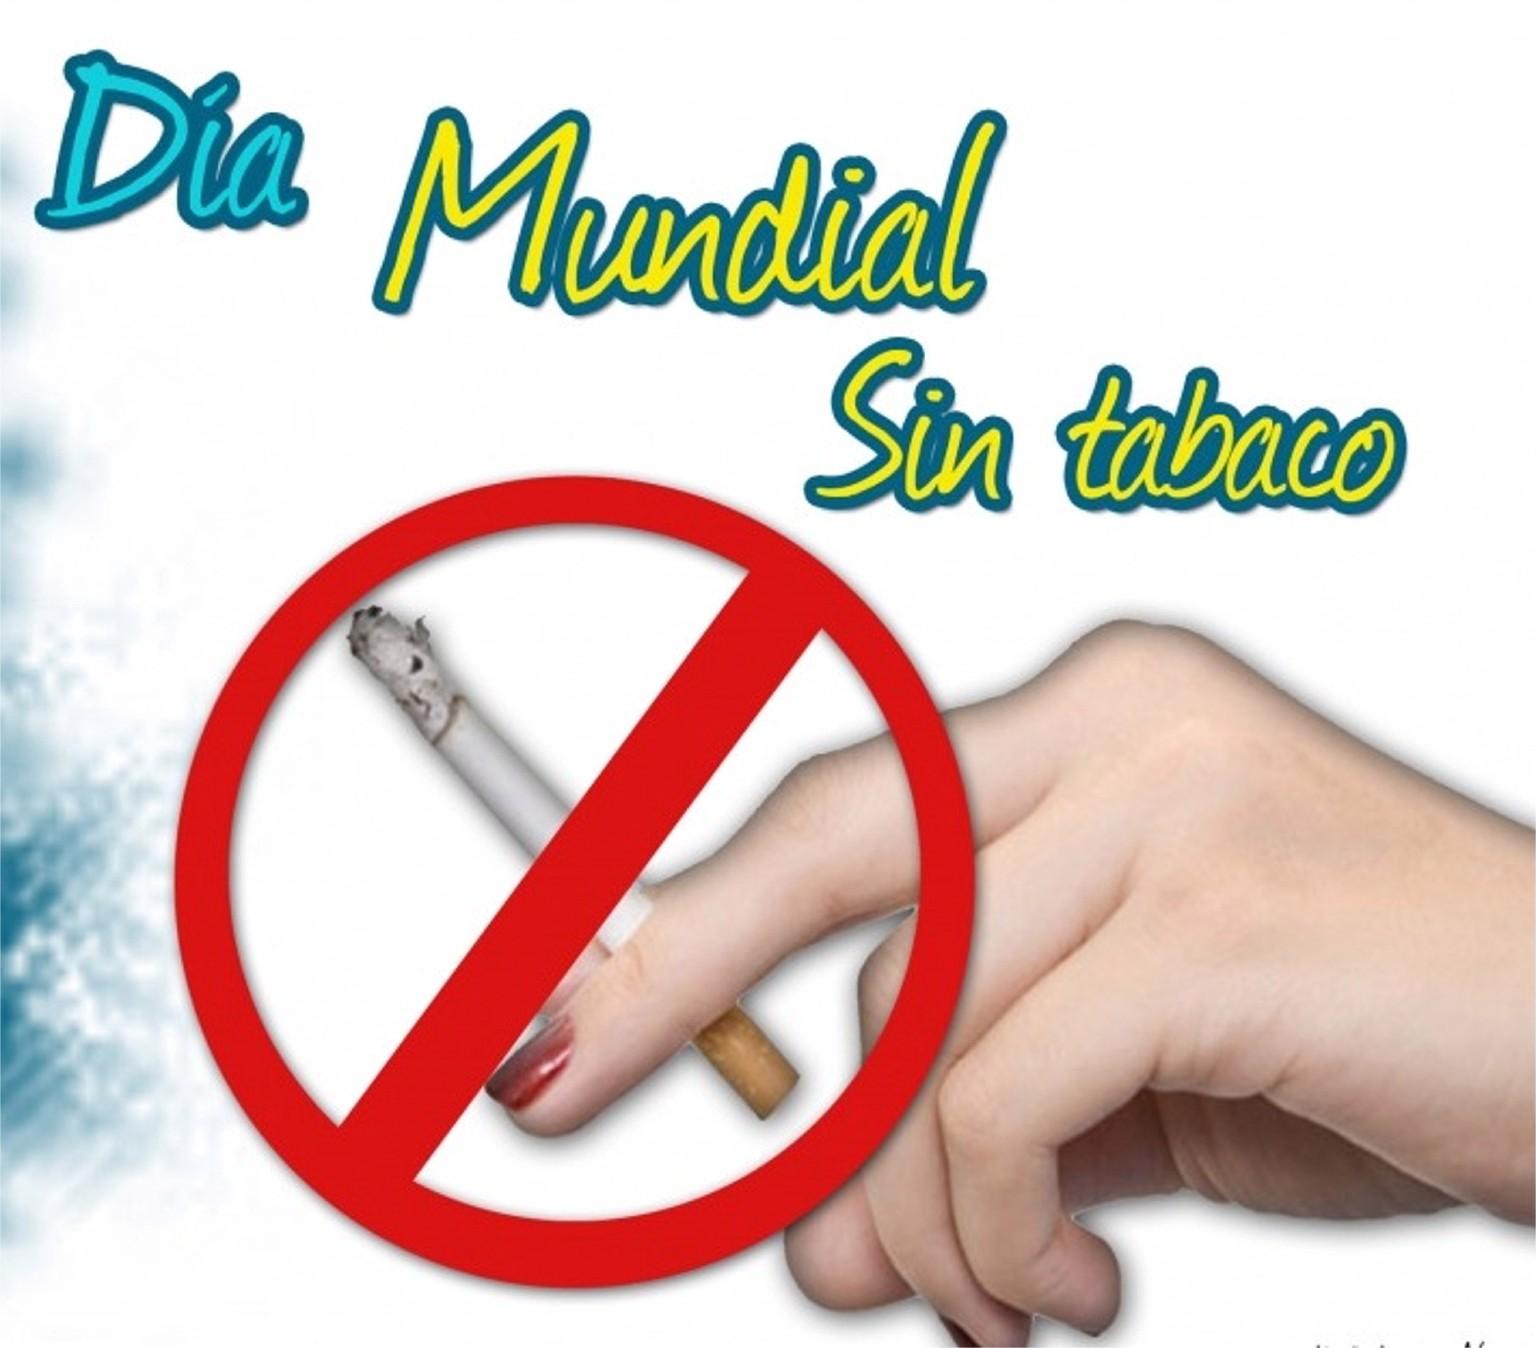 Aptn cofenat aptn cofenat revindica el papel de la acupuntura en el dia mundial sin tabaco - 3 meses sin fumar ...